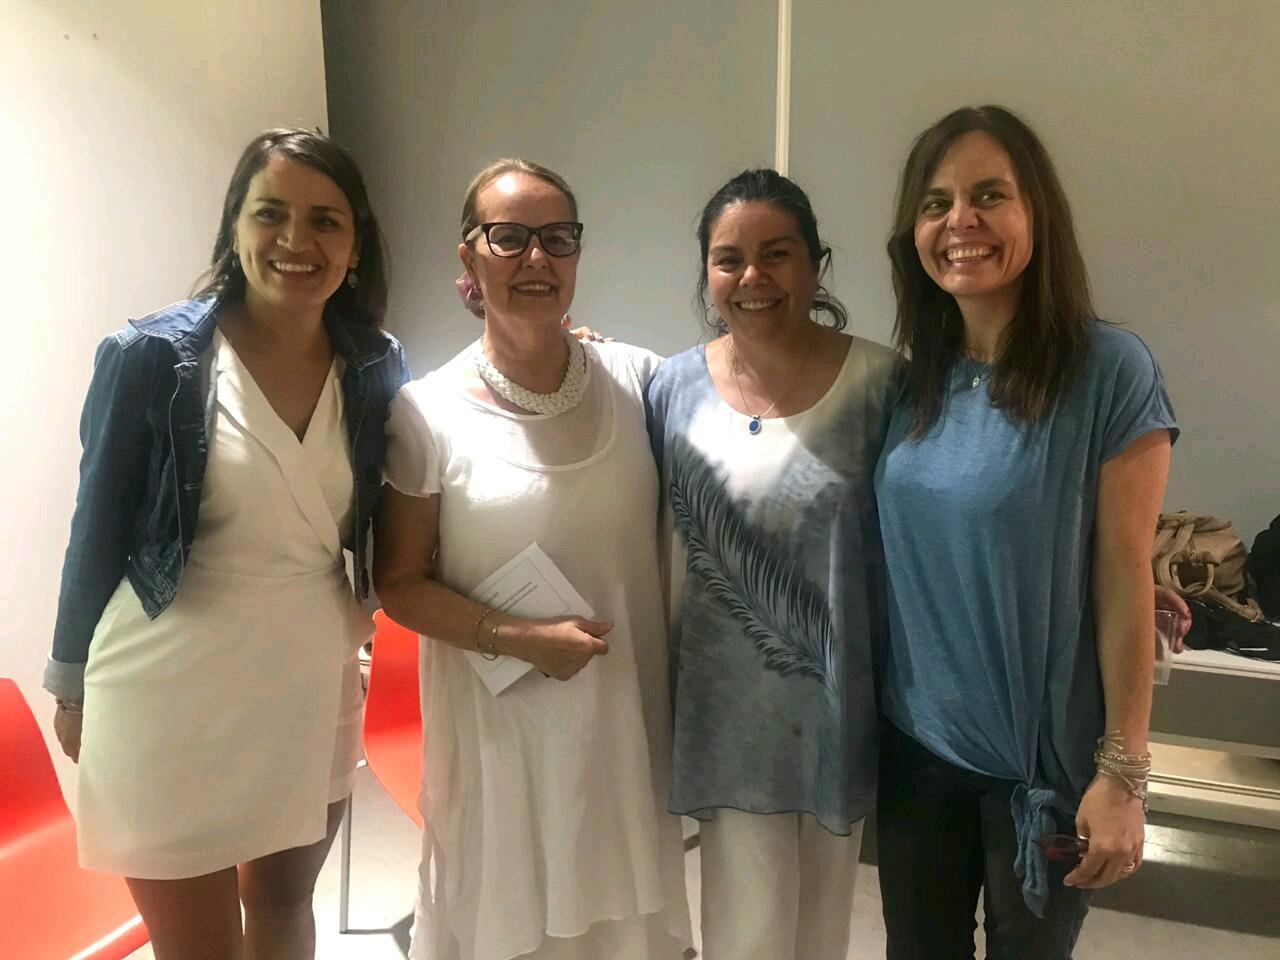 Presentan resultados de estudio UDD sobre promoción y prevención de salud de adolescentes y jóvenes en Chile